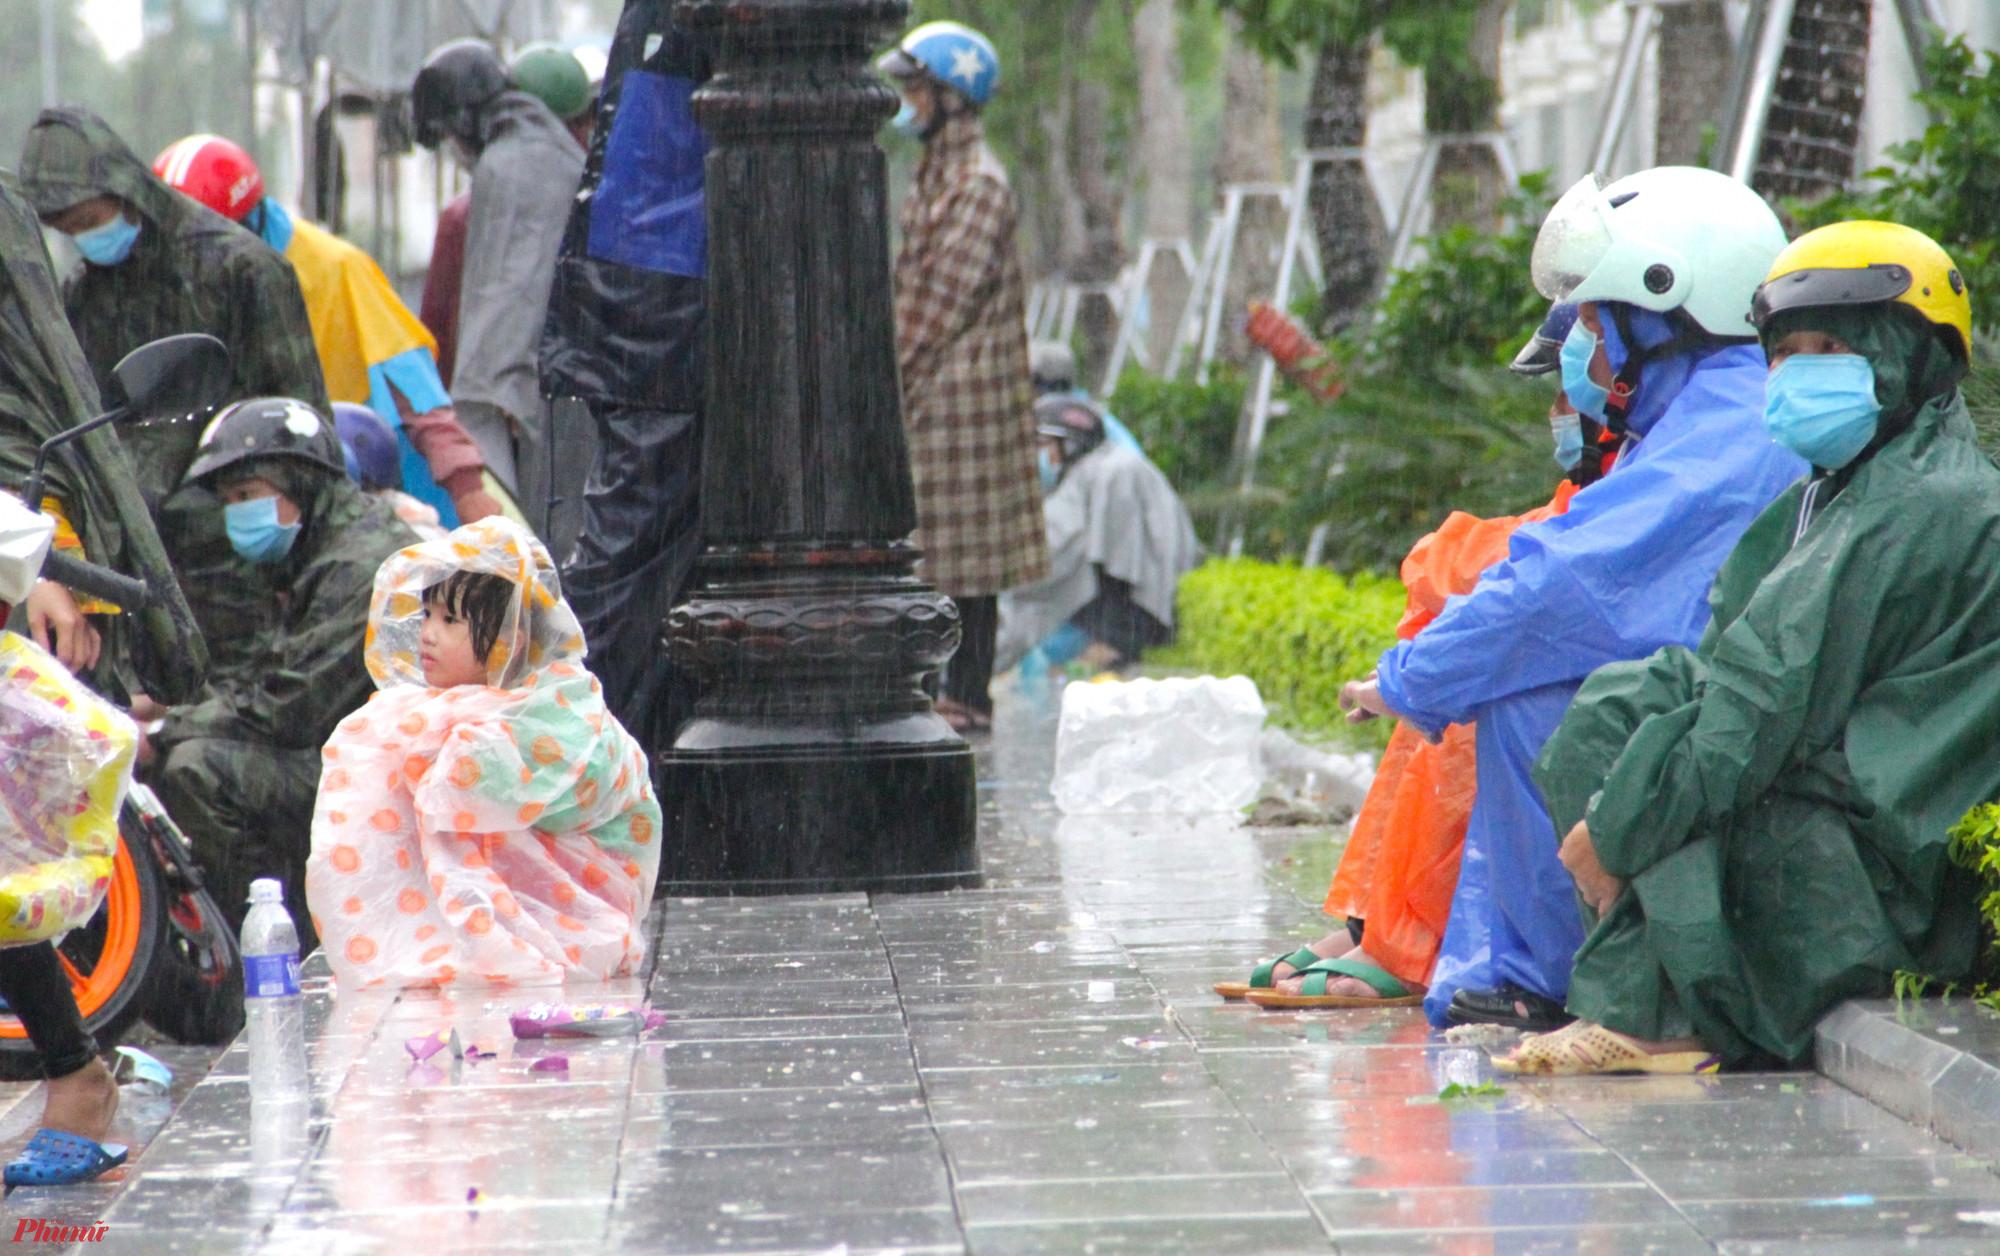 Lãnh đạo Sở Giao thông vận tải Nghệ An cho biết, trung bình mỗi ngày có khoảng 200 người dân Nghệ An từ các tỉnh phía Nam về quê. Riêng 2 ngày qua, số lượng công dân trở về quê tăng đột biến lên đến hàng nghìn người.